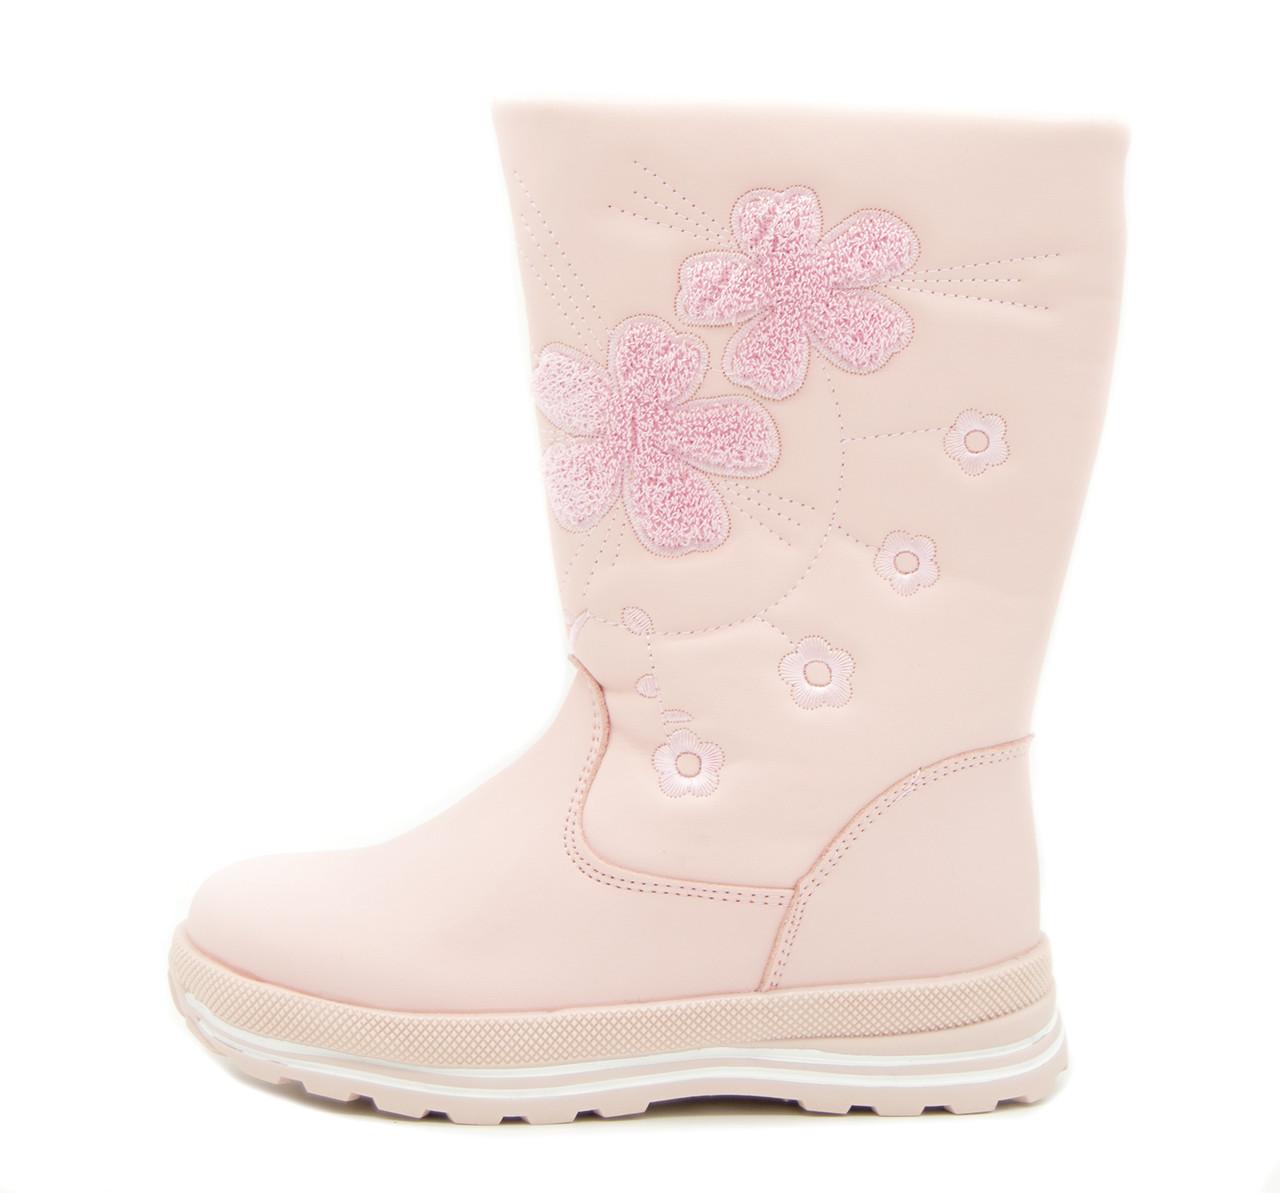 Сапоги для девочки Светло-розовые Размер: 32